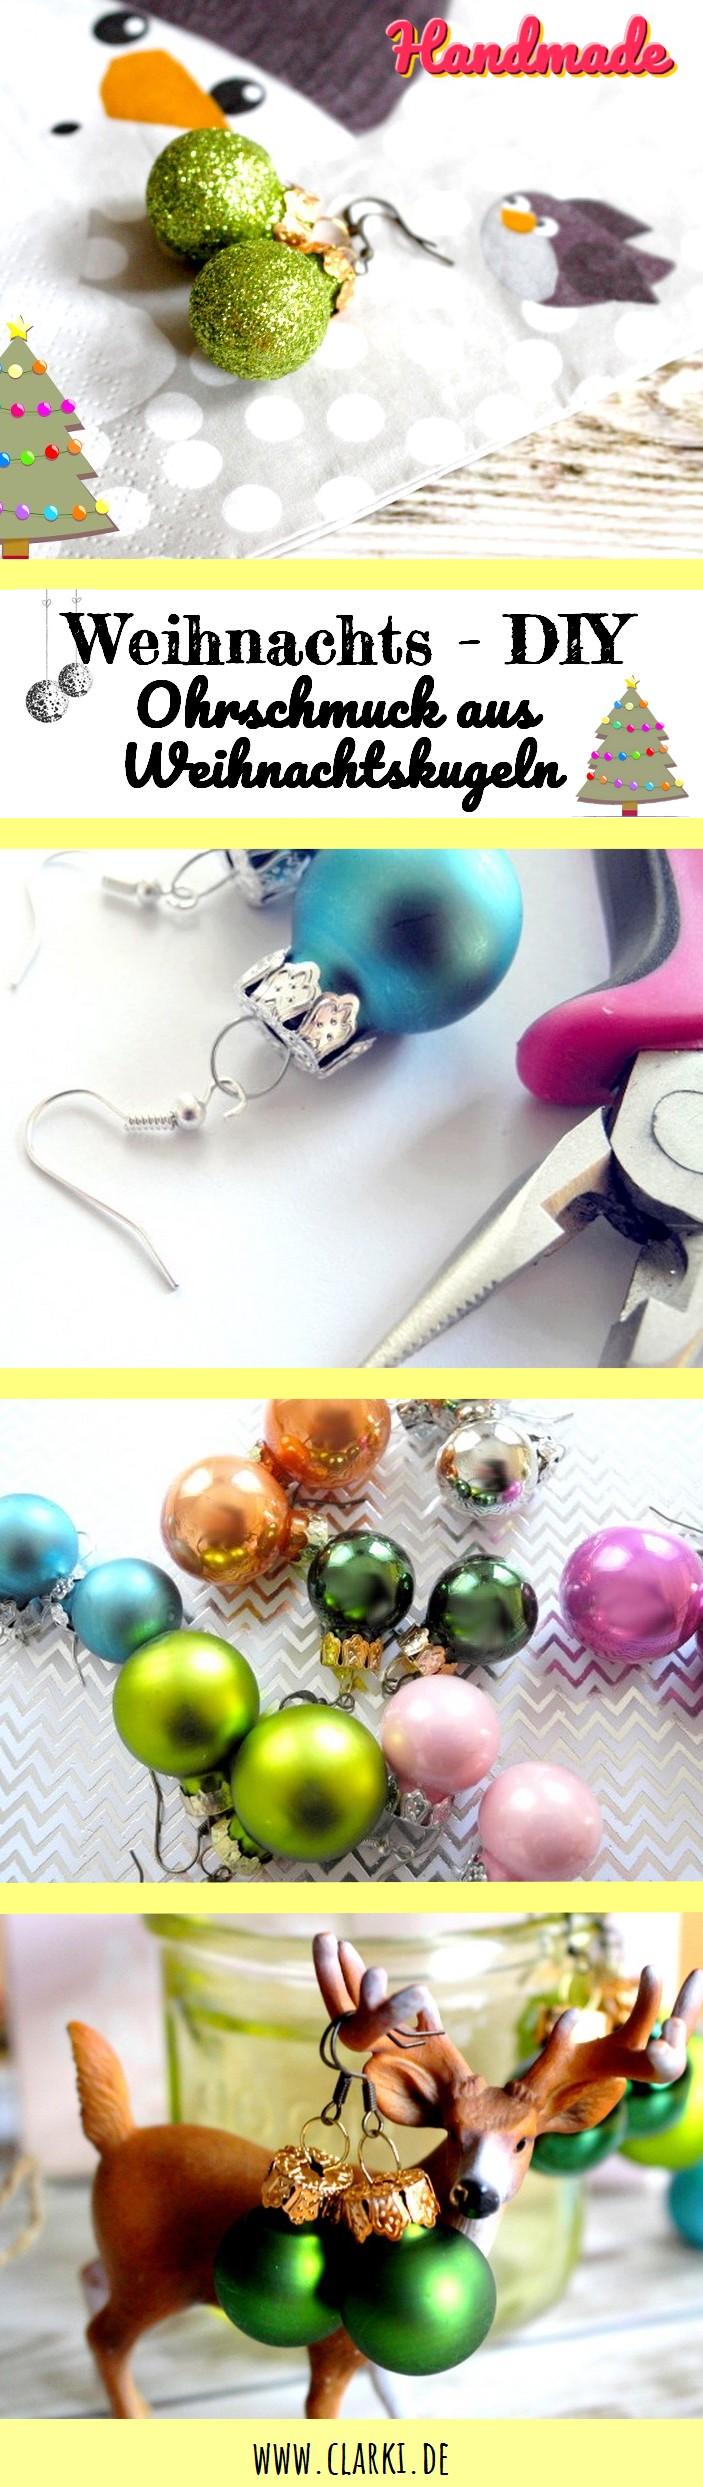 Ohrringe aus Weihnachtskugeln basteln